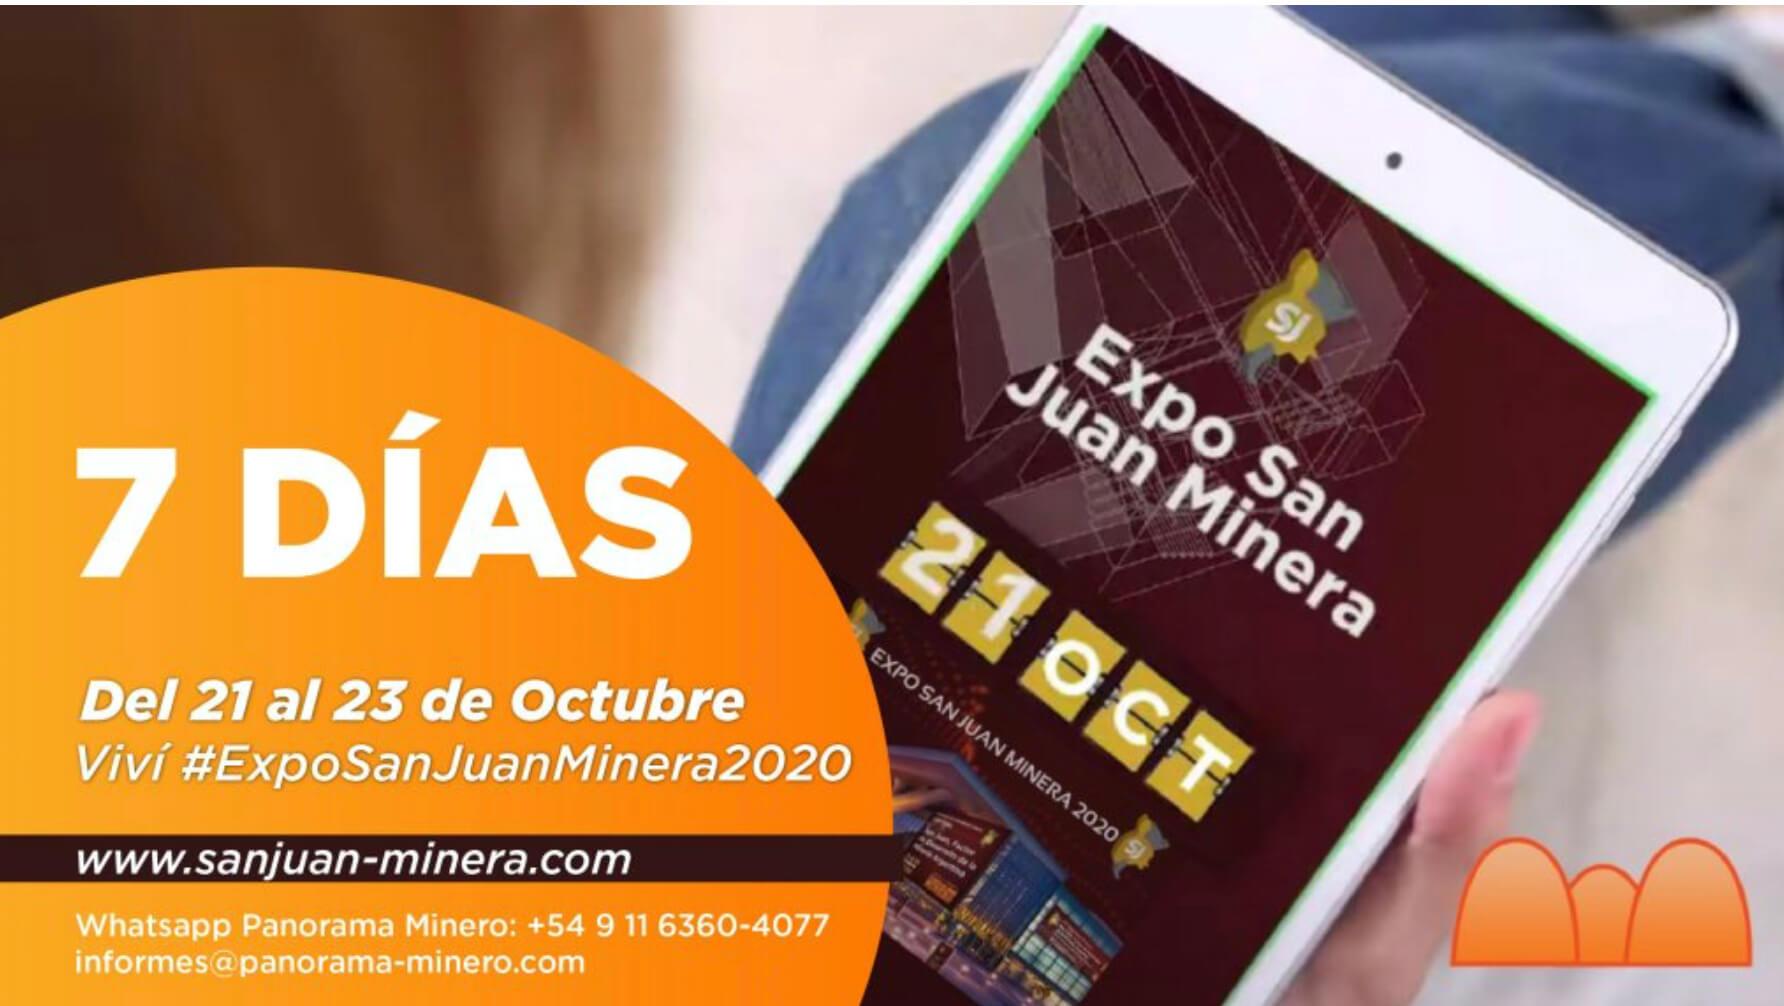 Expo San Juan Minera 2020 starts on October 21st